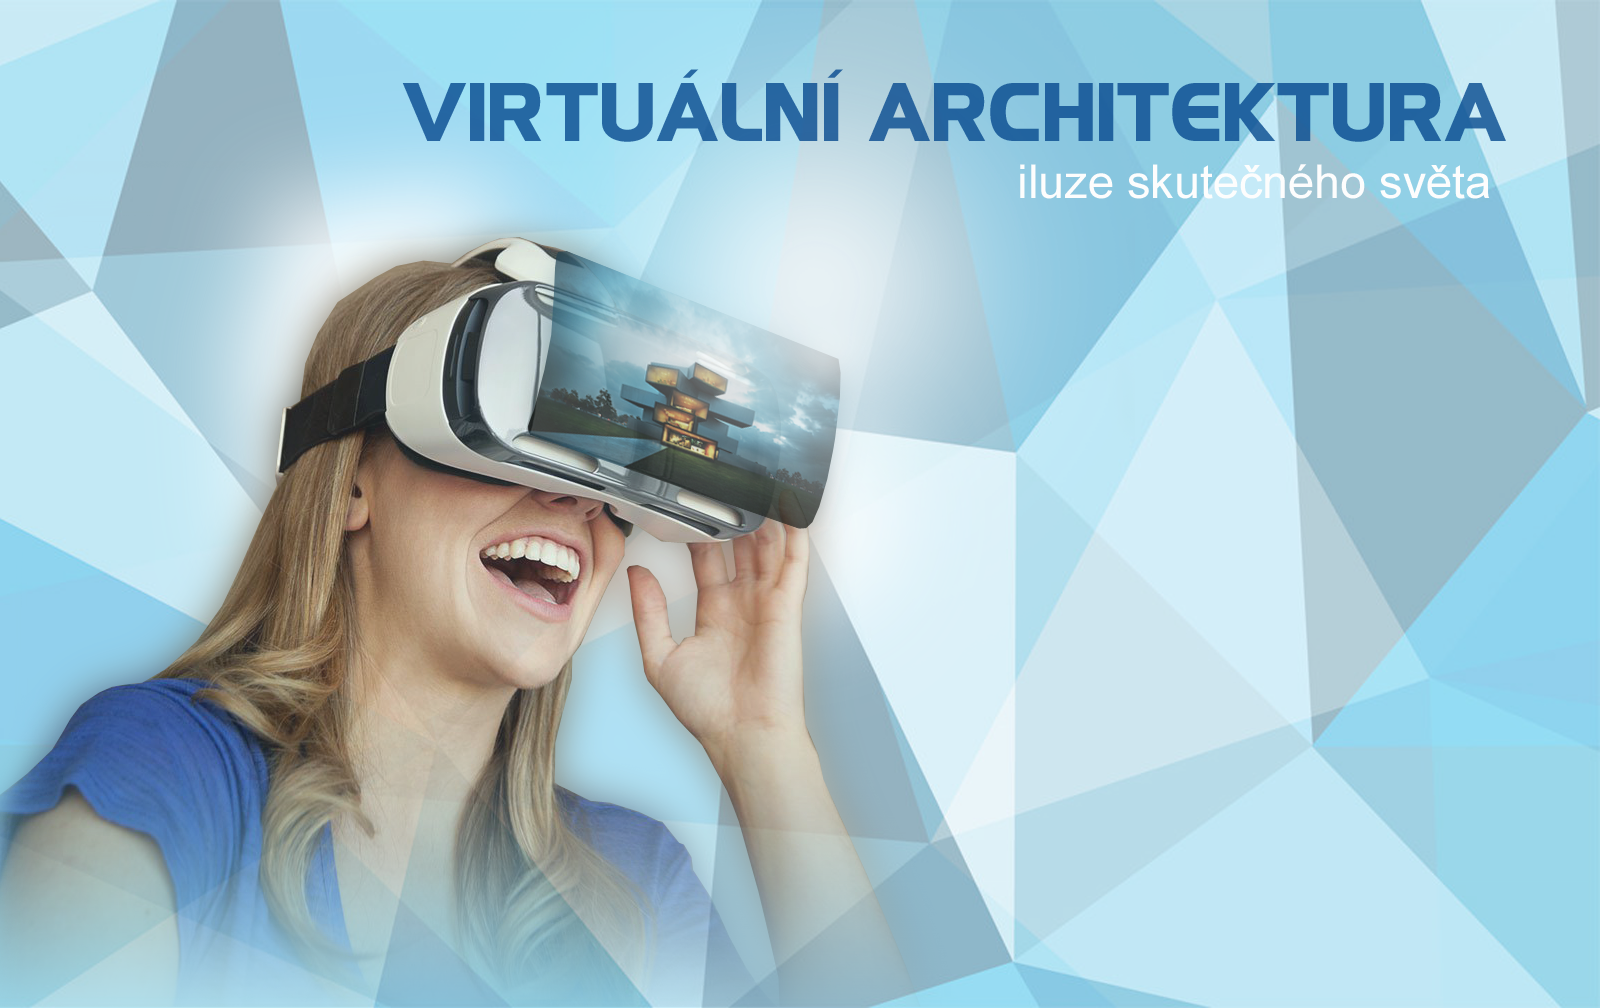 Virtuální architektura